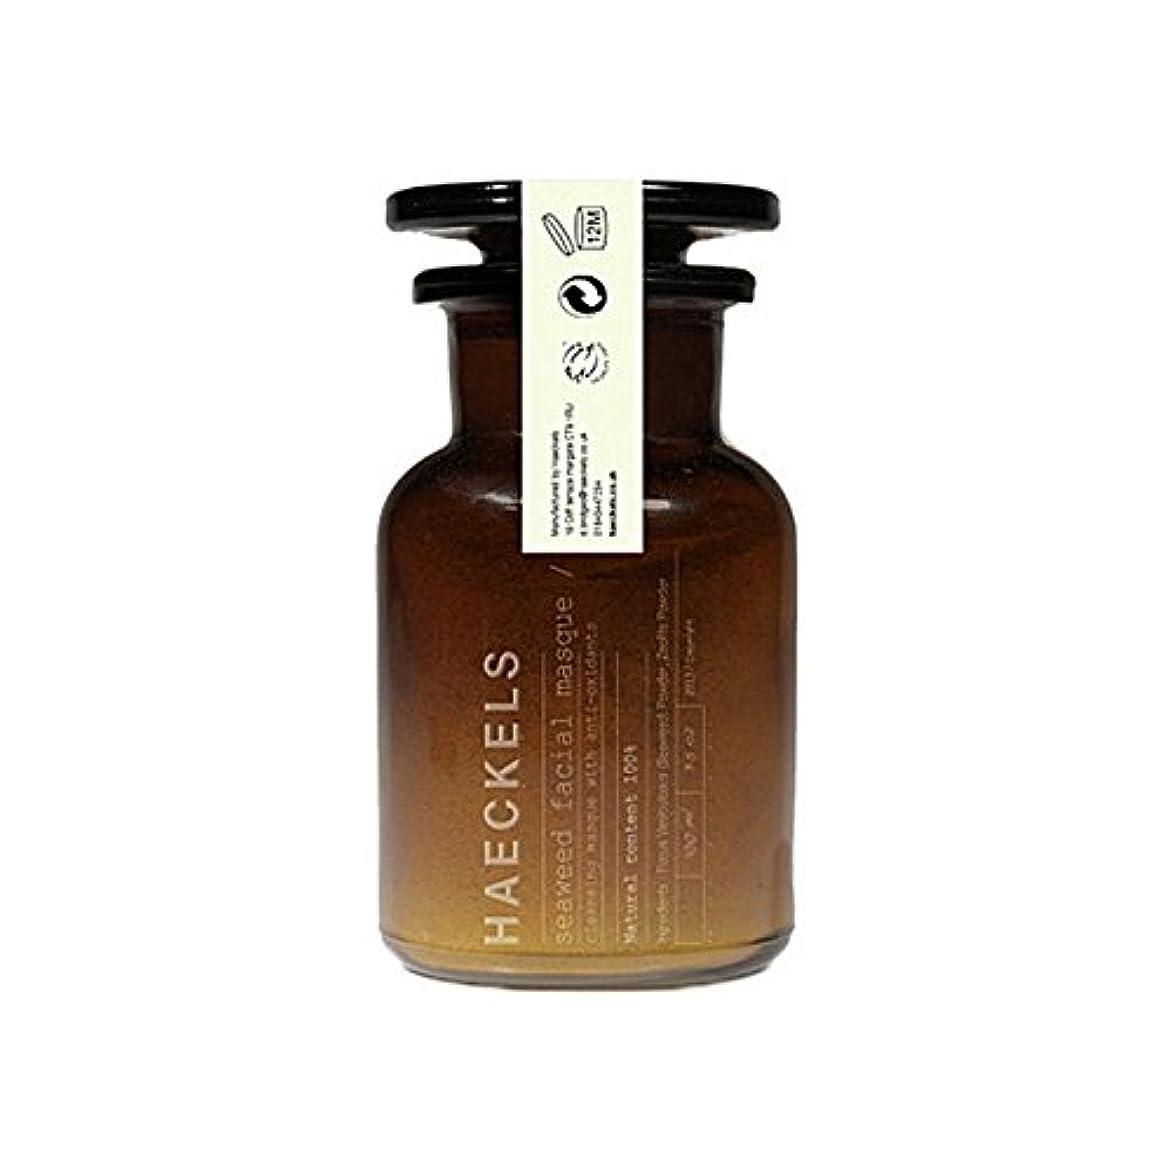 ハドルゴミジャンピングジャック海藻やミネラルフェイスマスク100ミリリットルを x4 - Haeckels Seaweed And Mineral Face Mask 100Ml (Pack of 4) [並行輸入品]